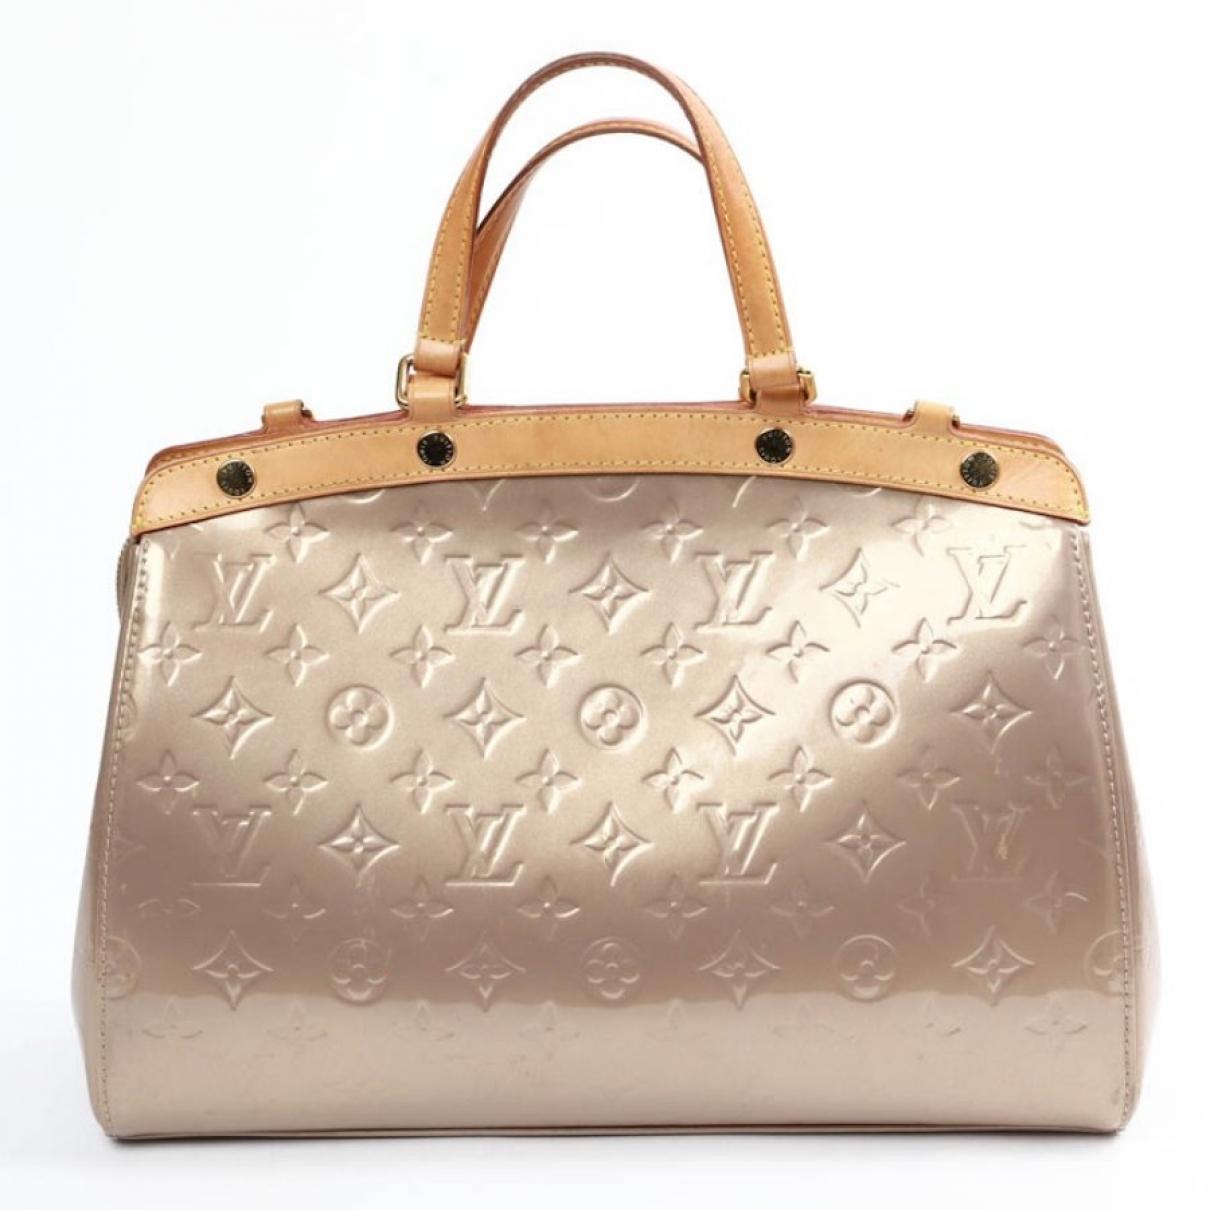 Louis Vuitton - Sac a main Brea pour femme en cuir verni - dore